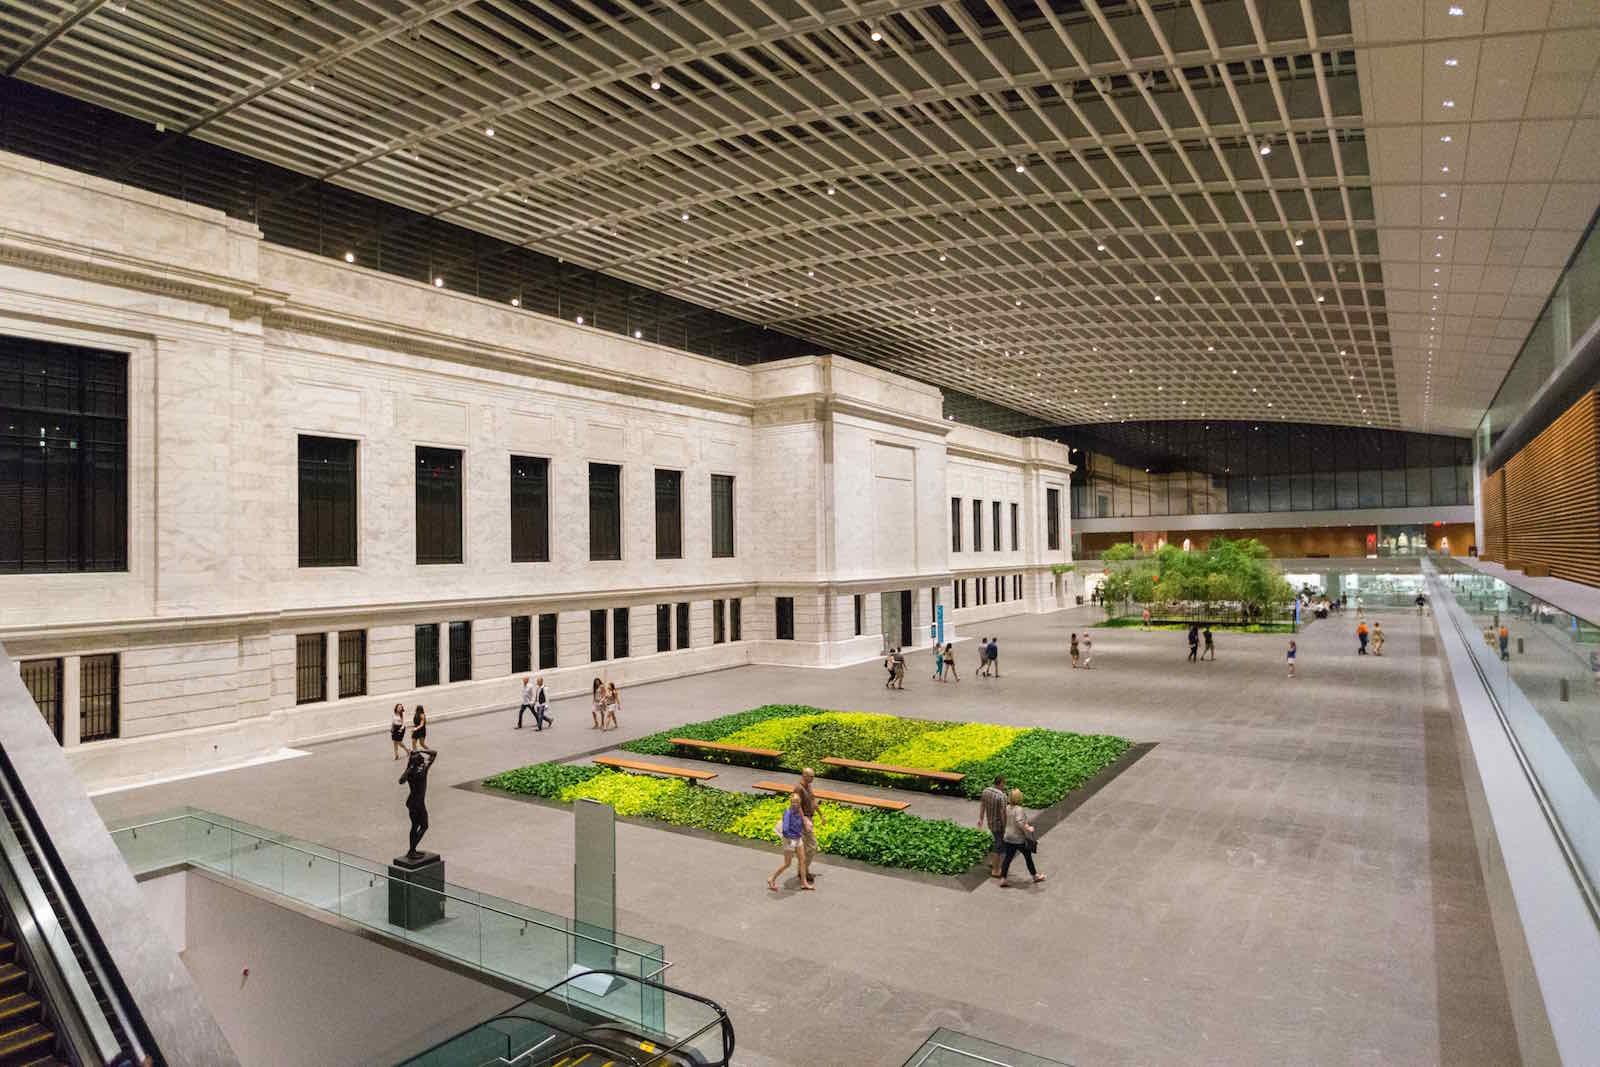 Cleveland Museum of Art Atrium (c) Cody York for ThisisCleveland.com